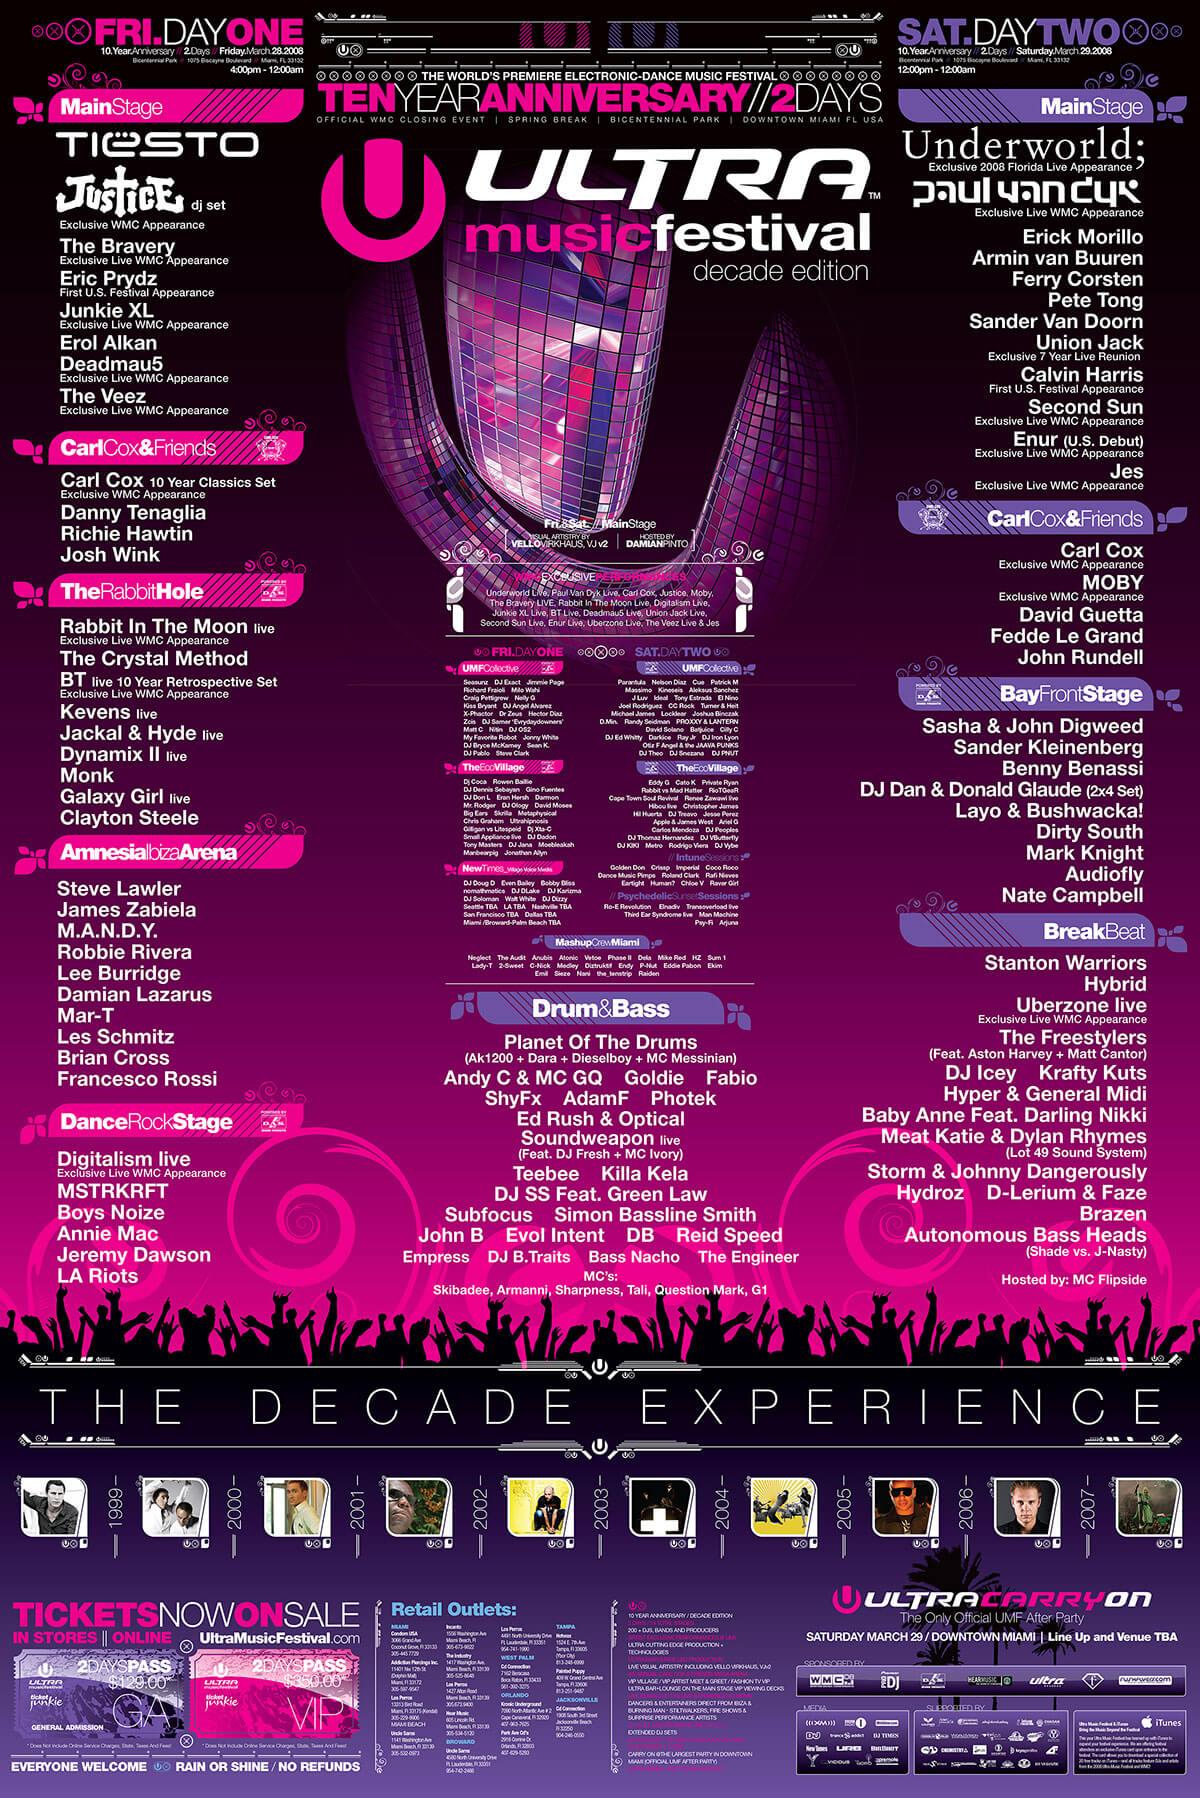 Calendario 1978 Mexico.Previous Lineups Ultra Music Festival